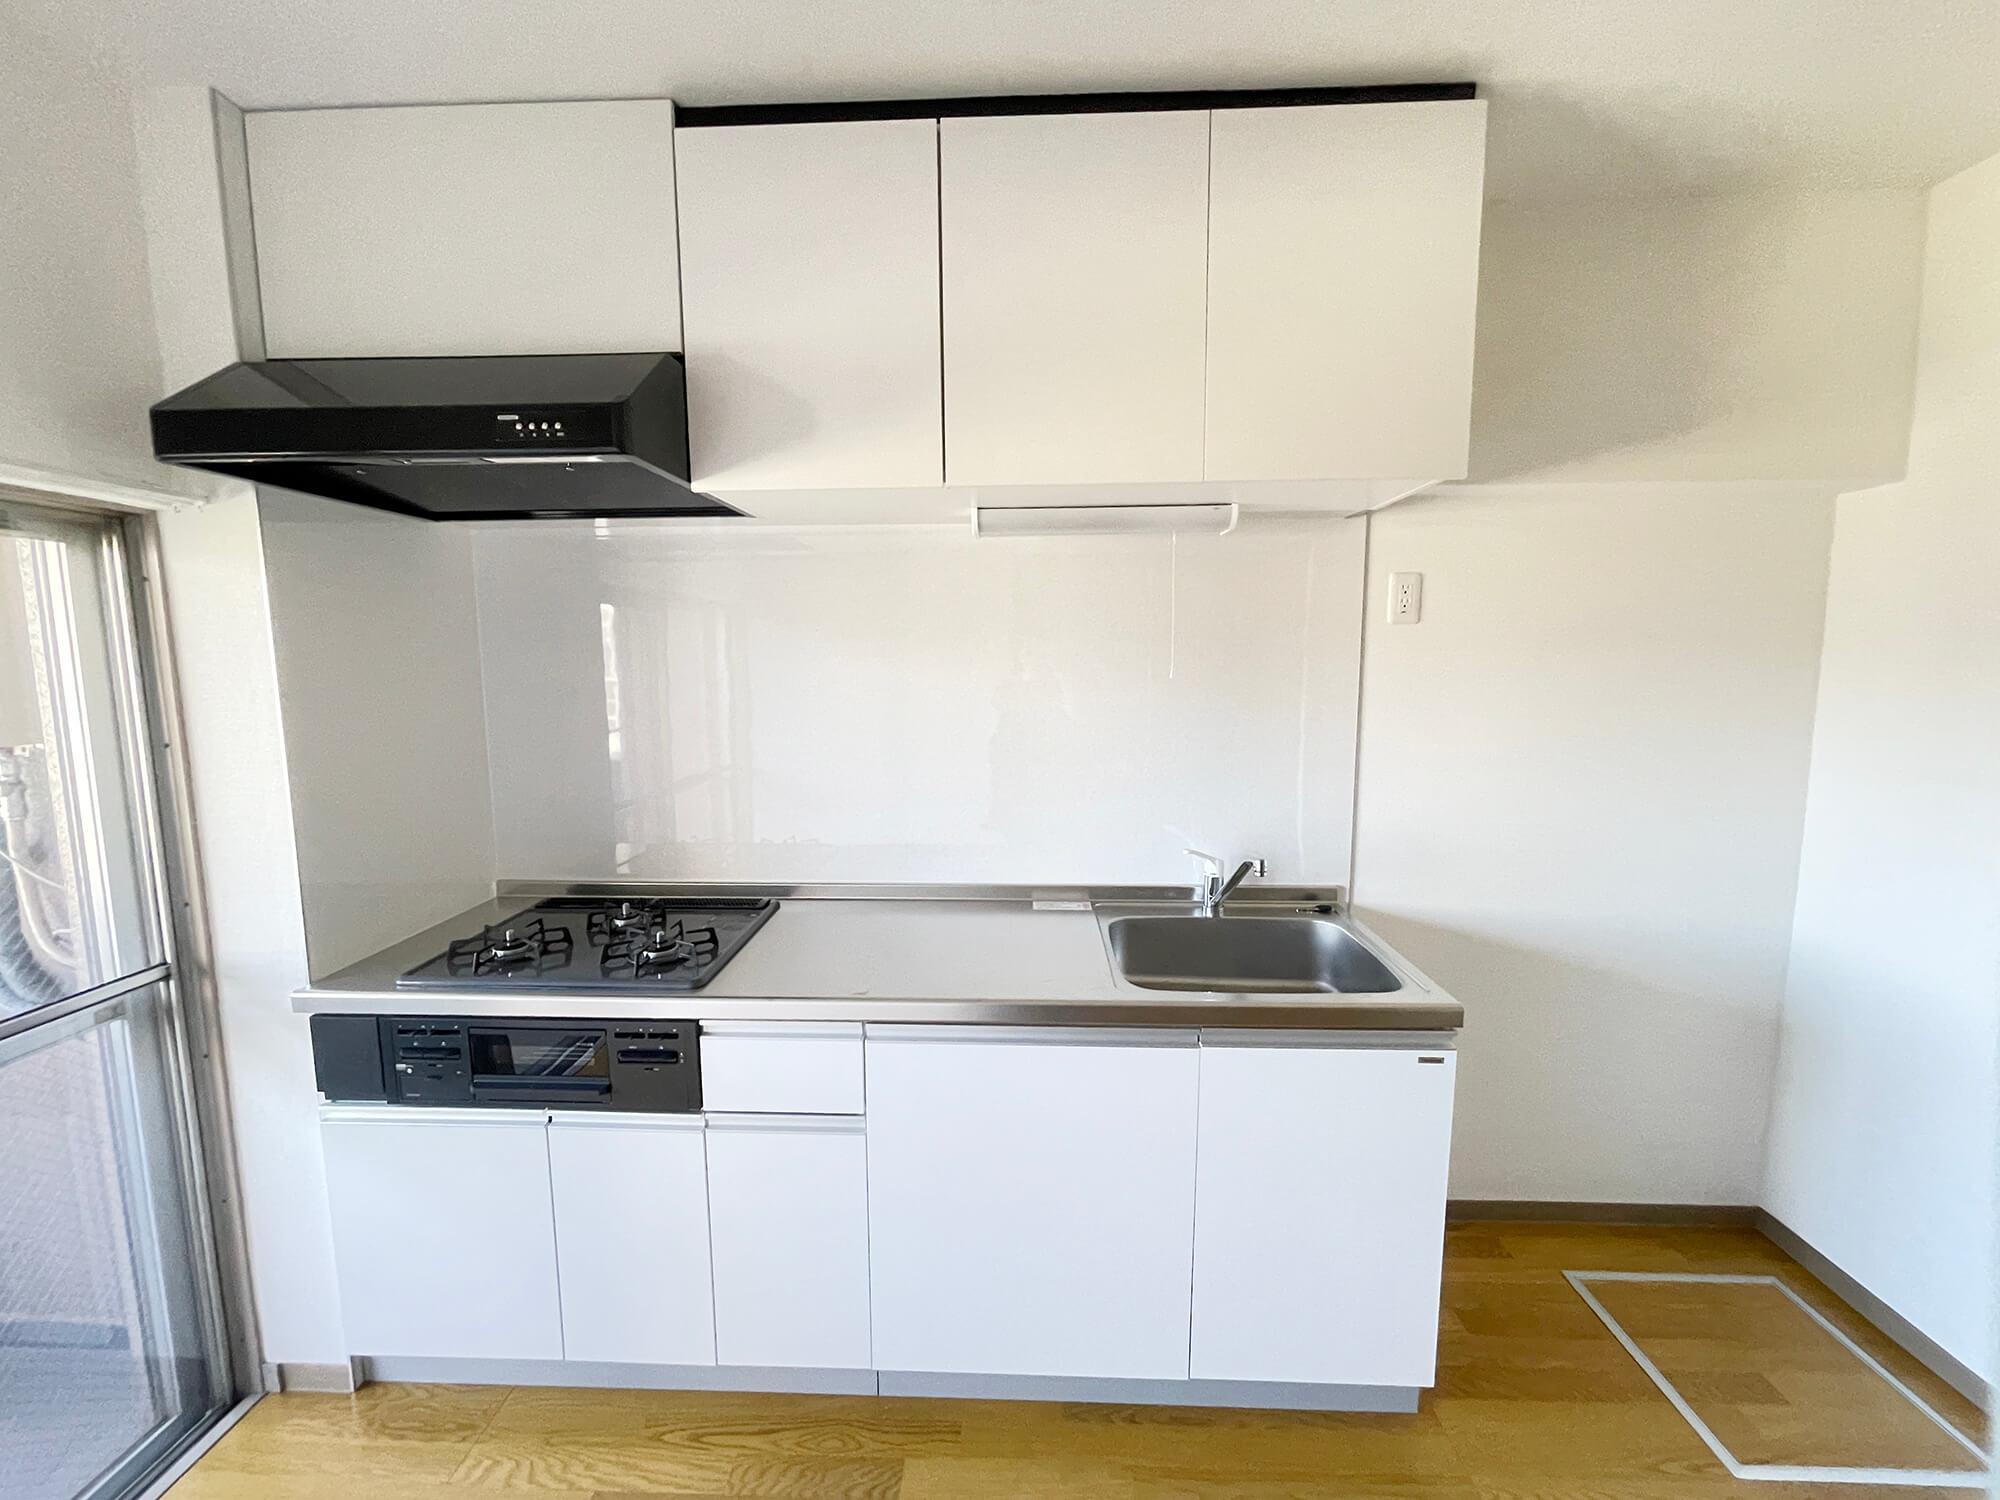 キッチン、リフォームしたてなのでピカピカです!しかも幅広タイプで、使いやすいですにゃ。 ガスコンロも3口あります!